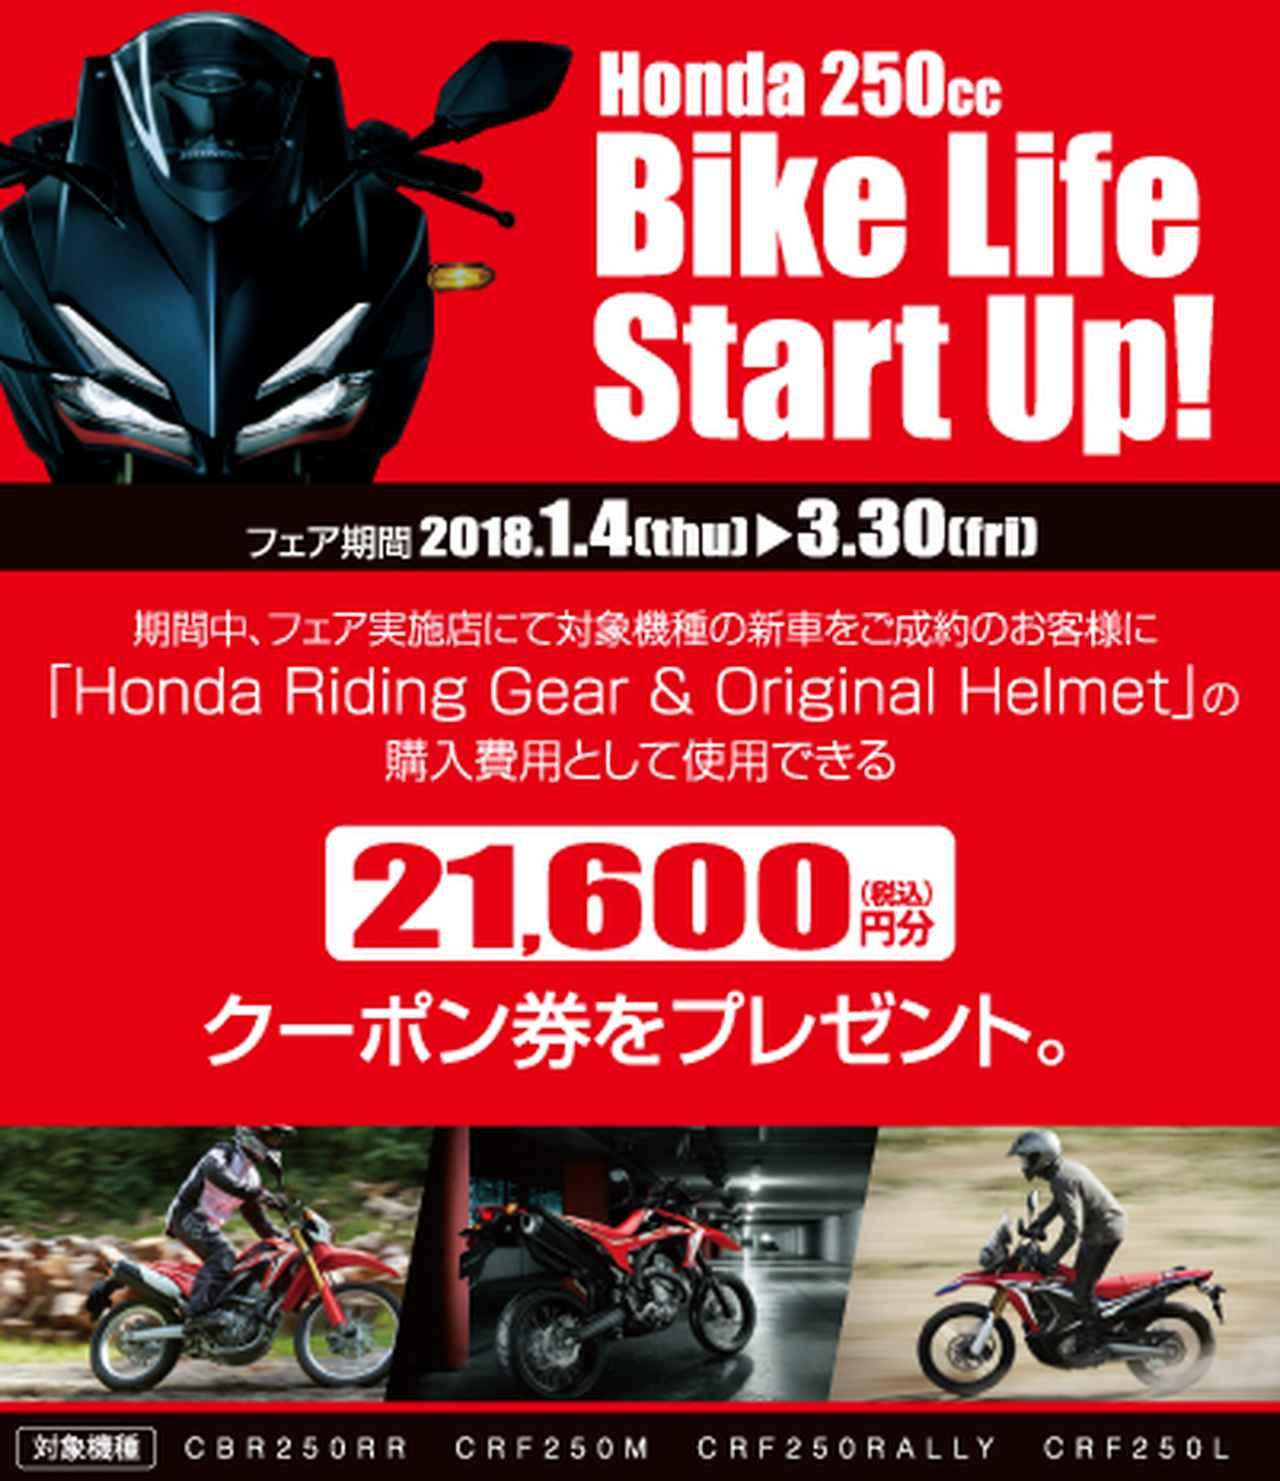 画像: 「Honda Riding Gear & Original Helmet」の購入に使える【2万1600円(税込)分のクーポン】がもらえる!